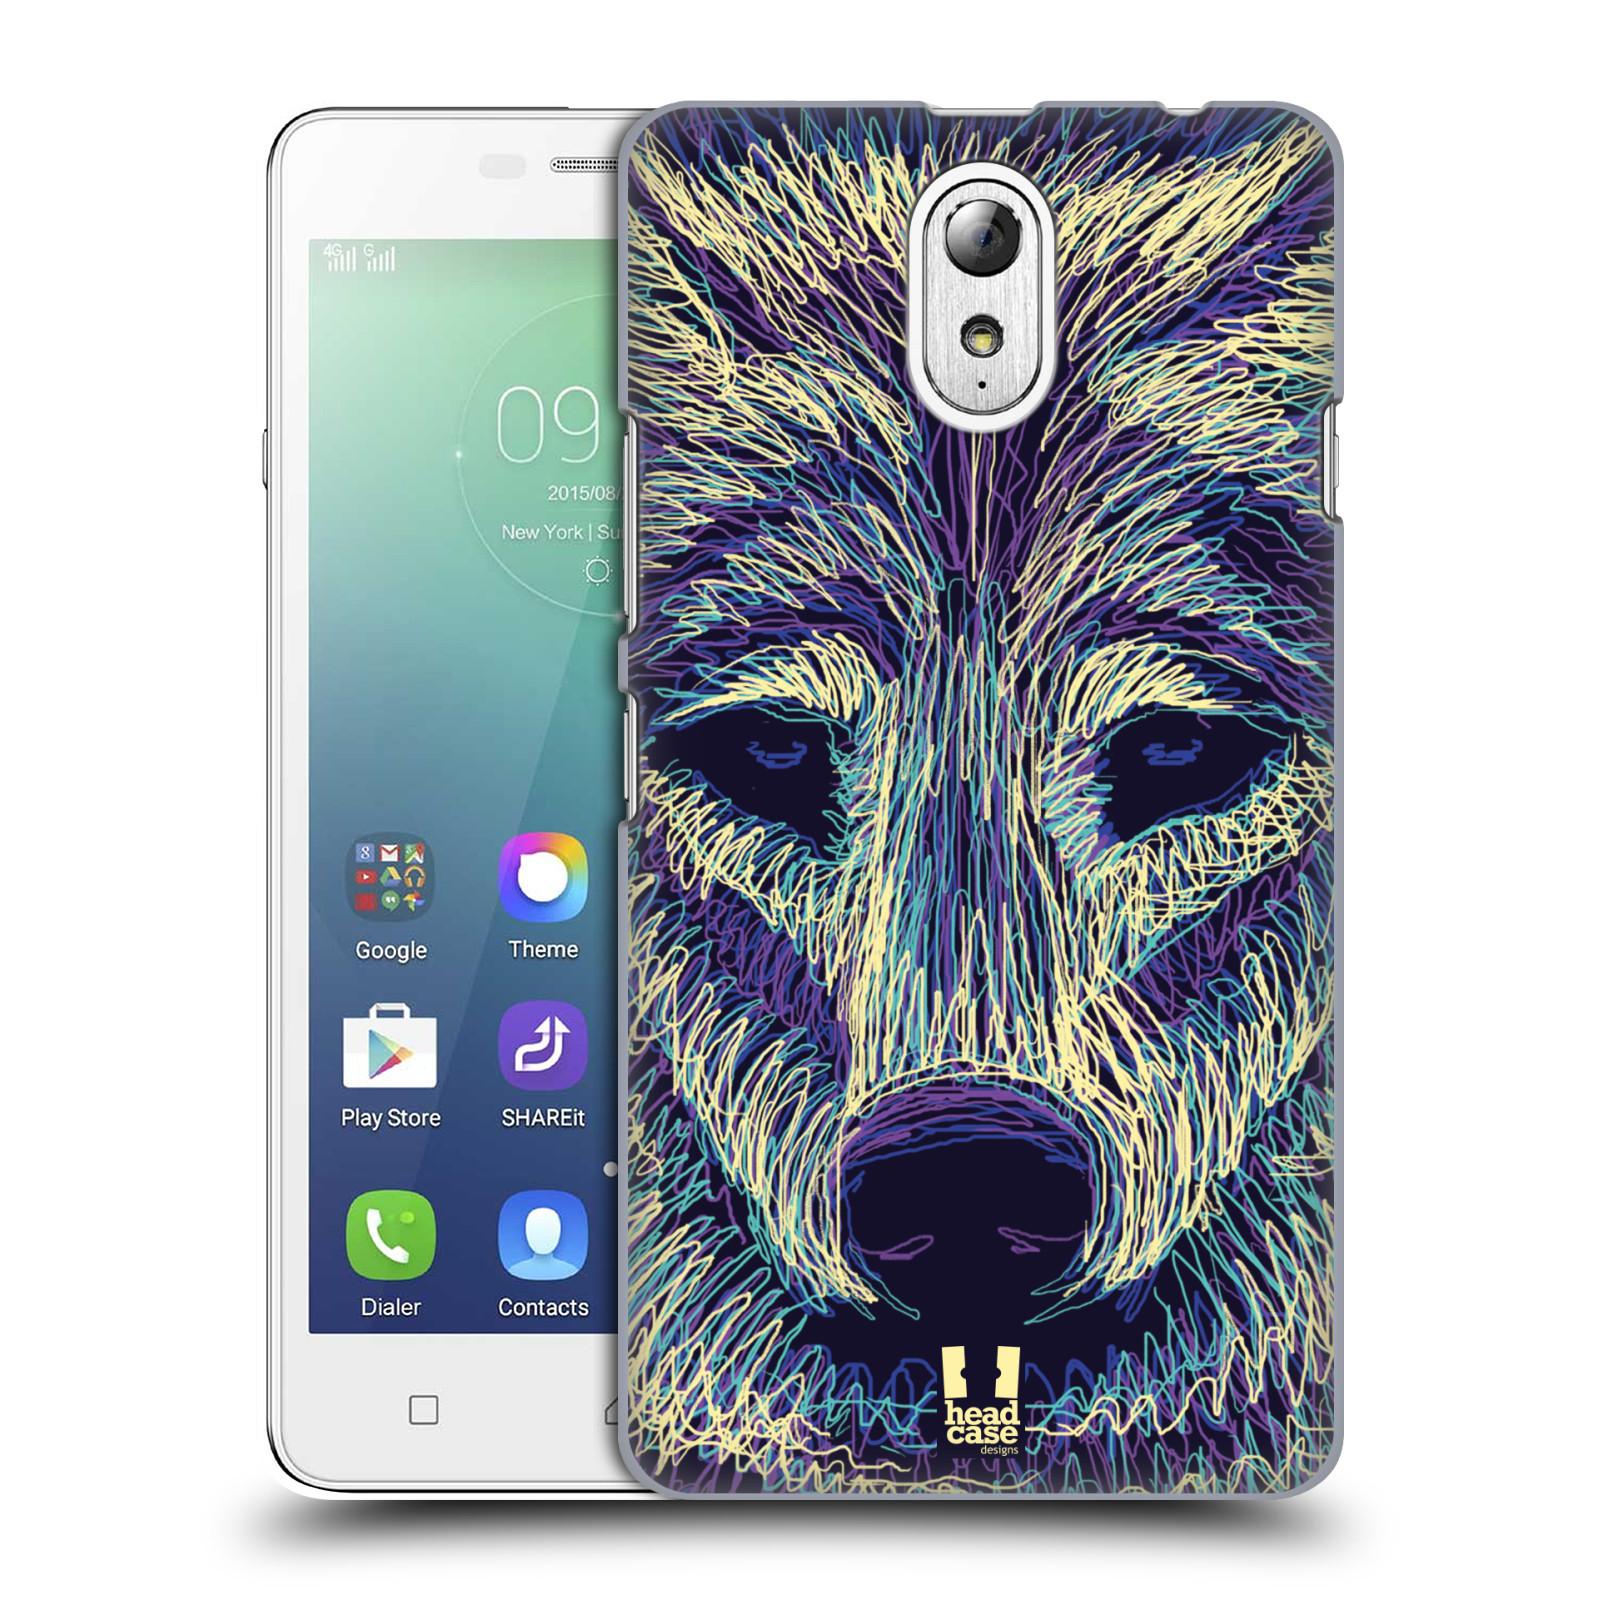 HEAD CASE pevný plastový obal na mobil LENOVO VIBE P1m / LENOVO VIBE p1m DUAL SIM vzor zvíře čmáranice vlk